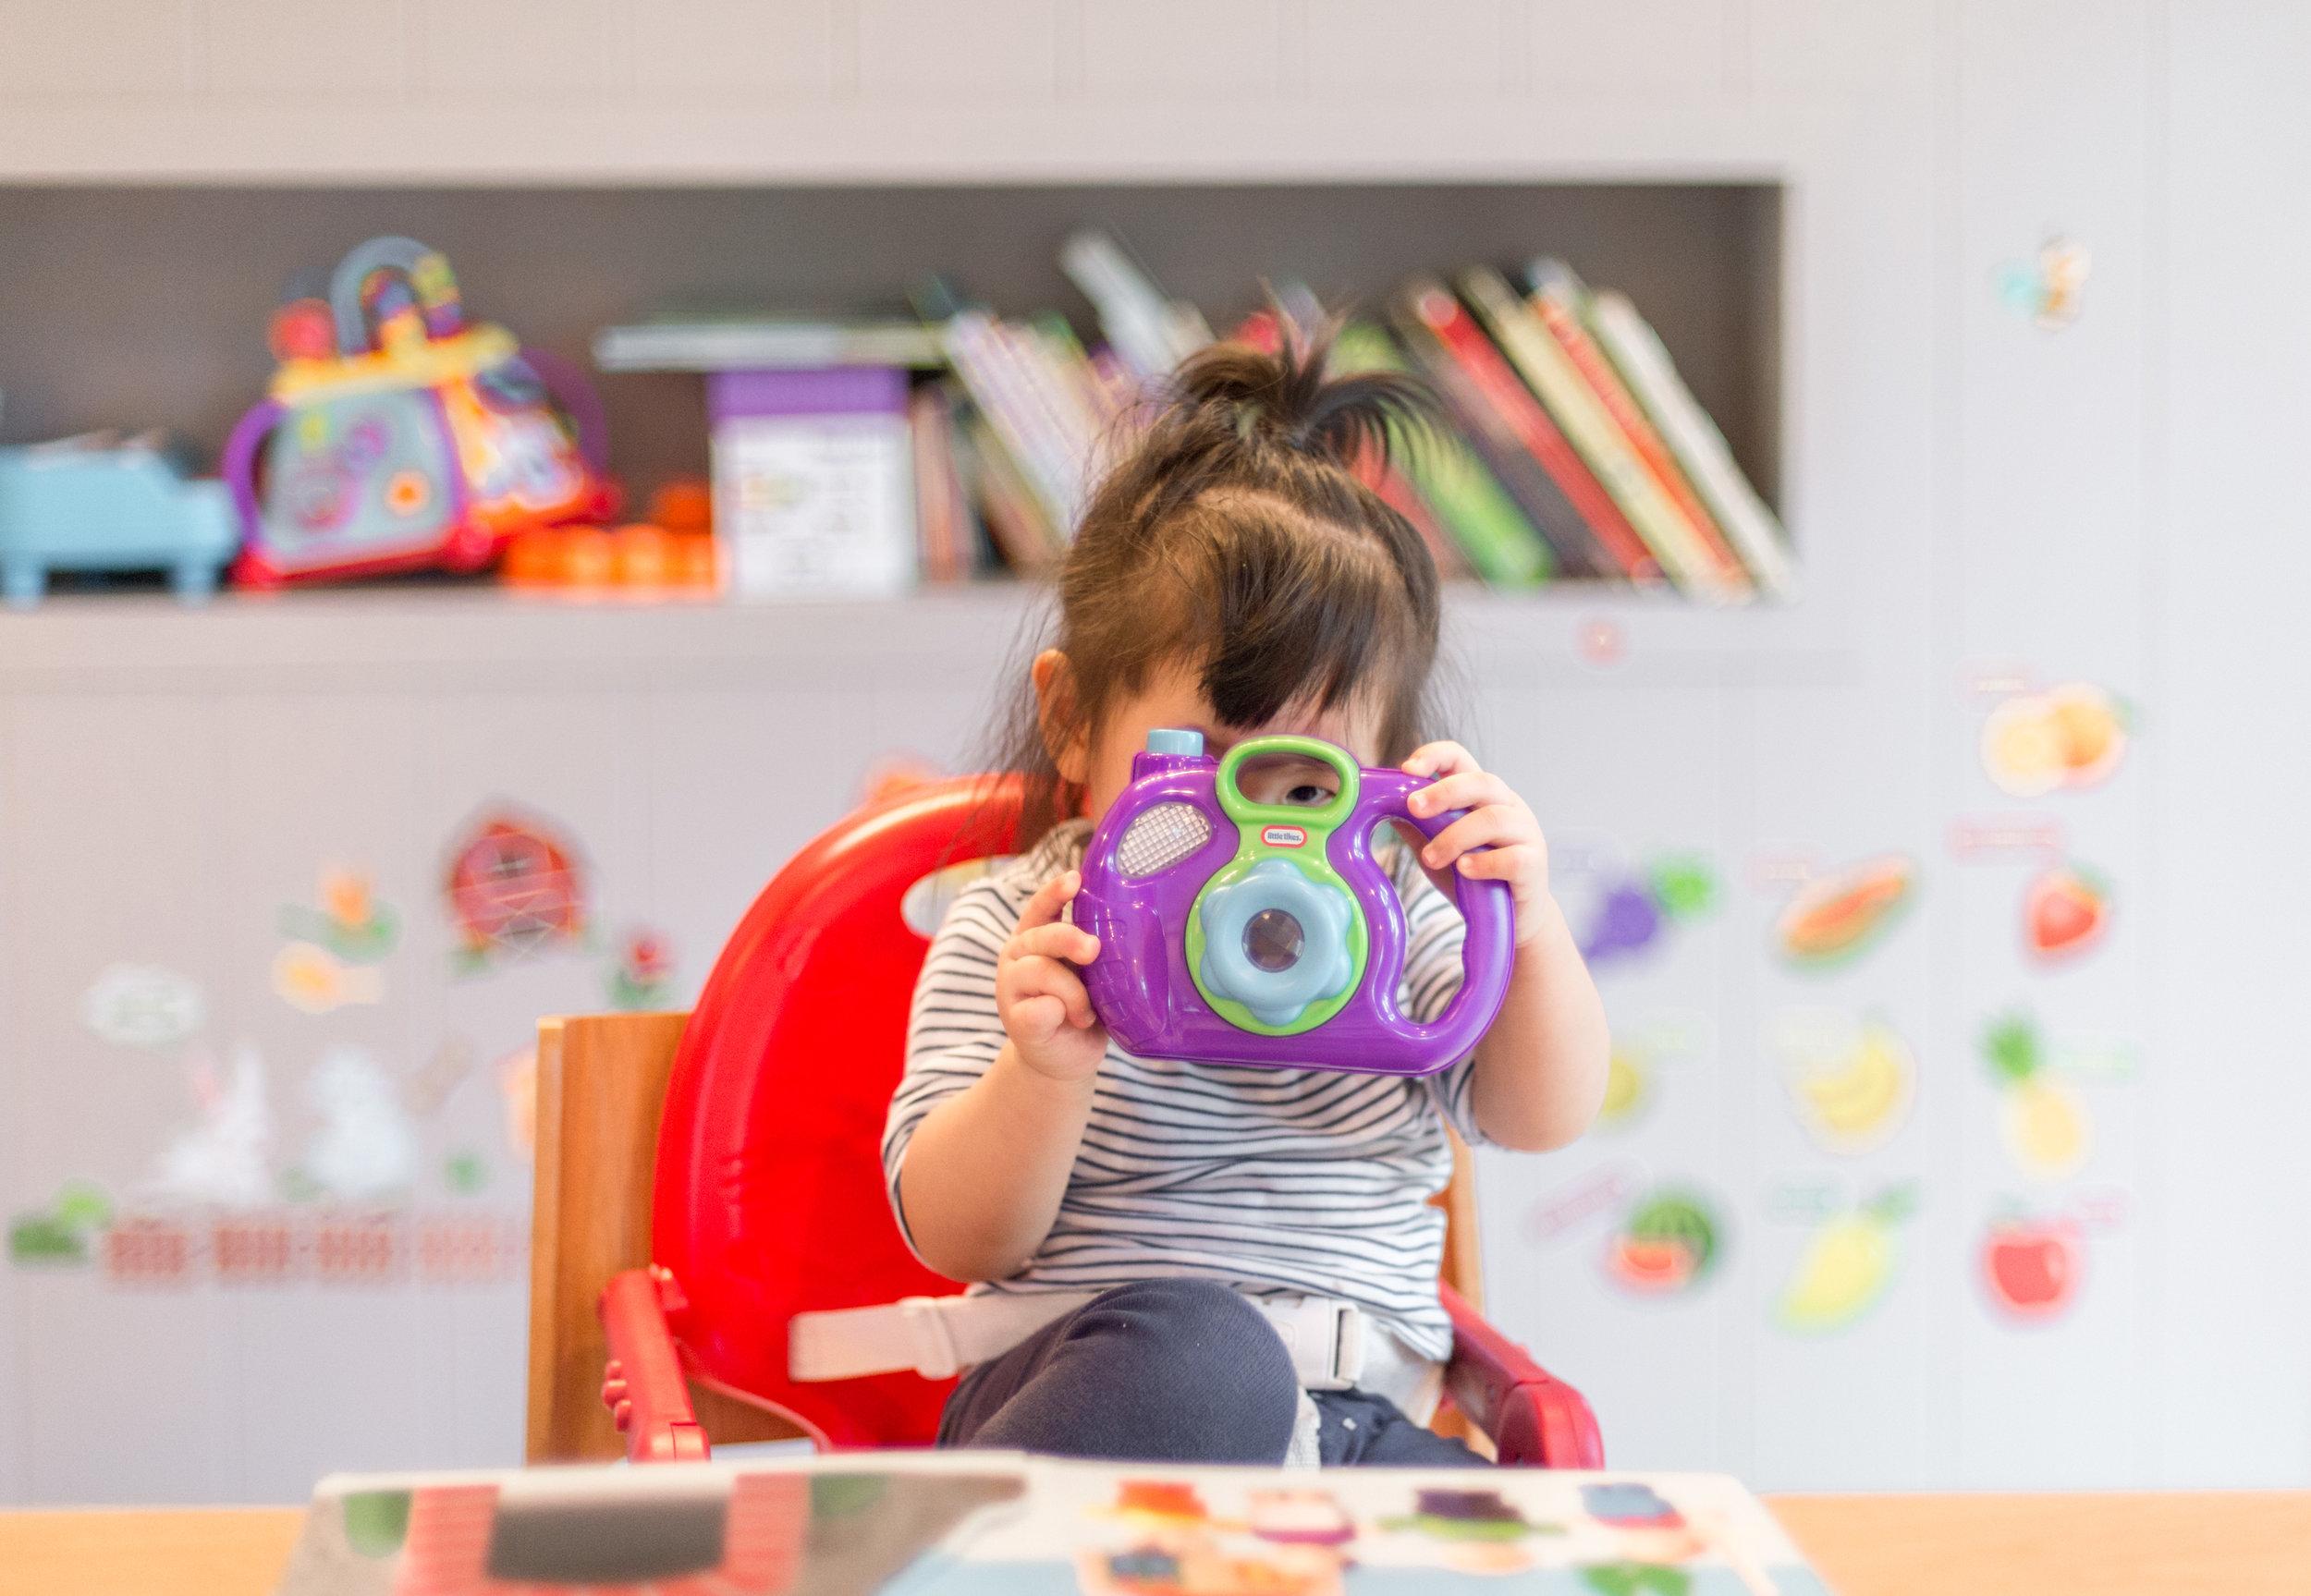 Enfance - Activité en garderie ou milieu scolaireCollecte de fonds(Organisation d'un événement ou organisation du processus de vente)